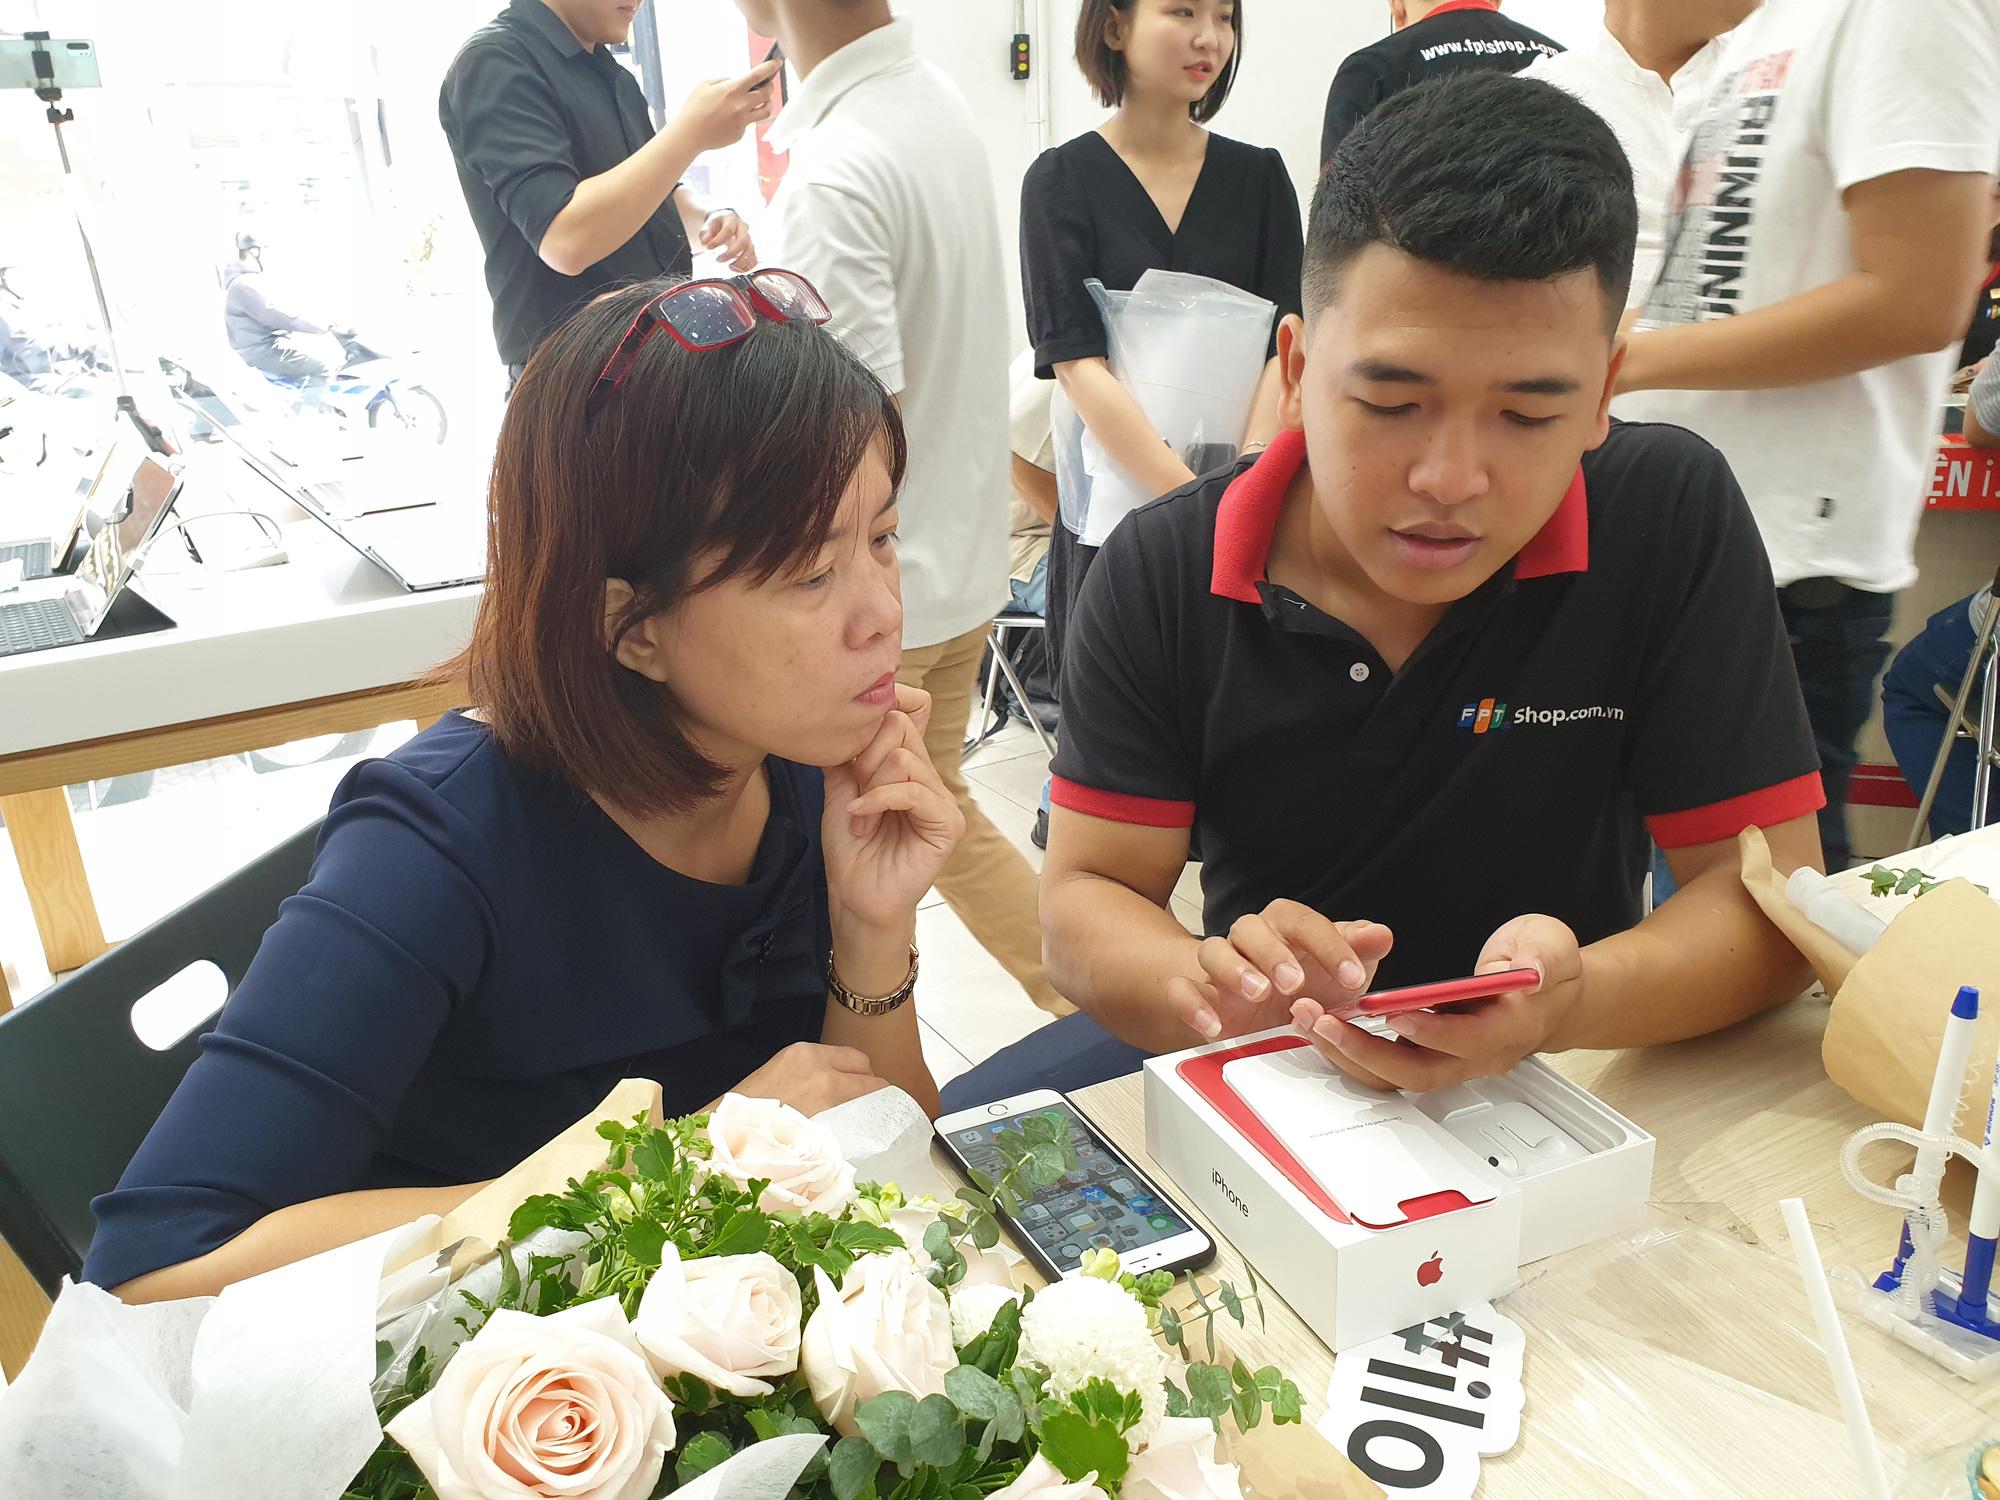 Thực hư thị phần điện thoại Vsmart vượt mặt cả iPhone của Apple tại Việt Nam? - Ảnh 6.